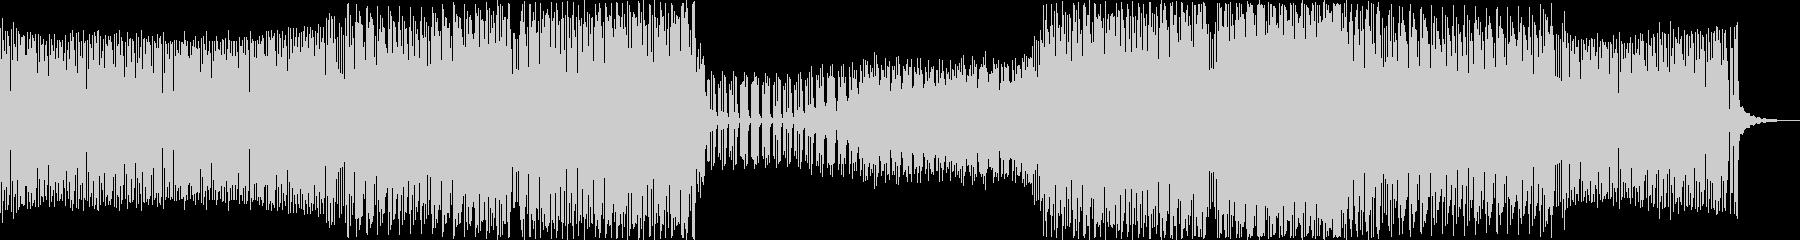 イントロ1mnドラムパーカッション...の未再生の波形